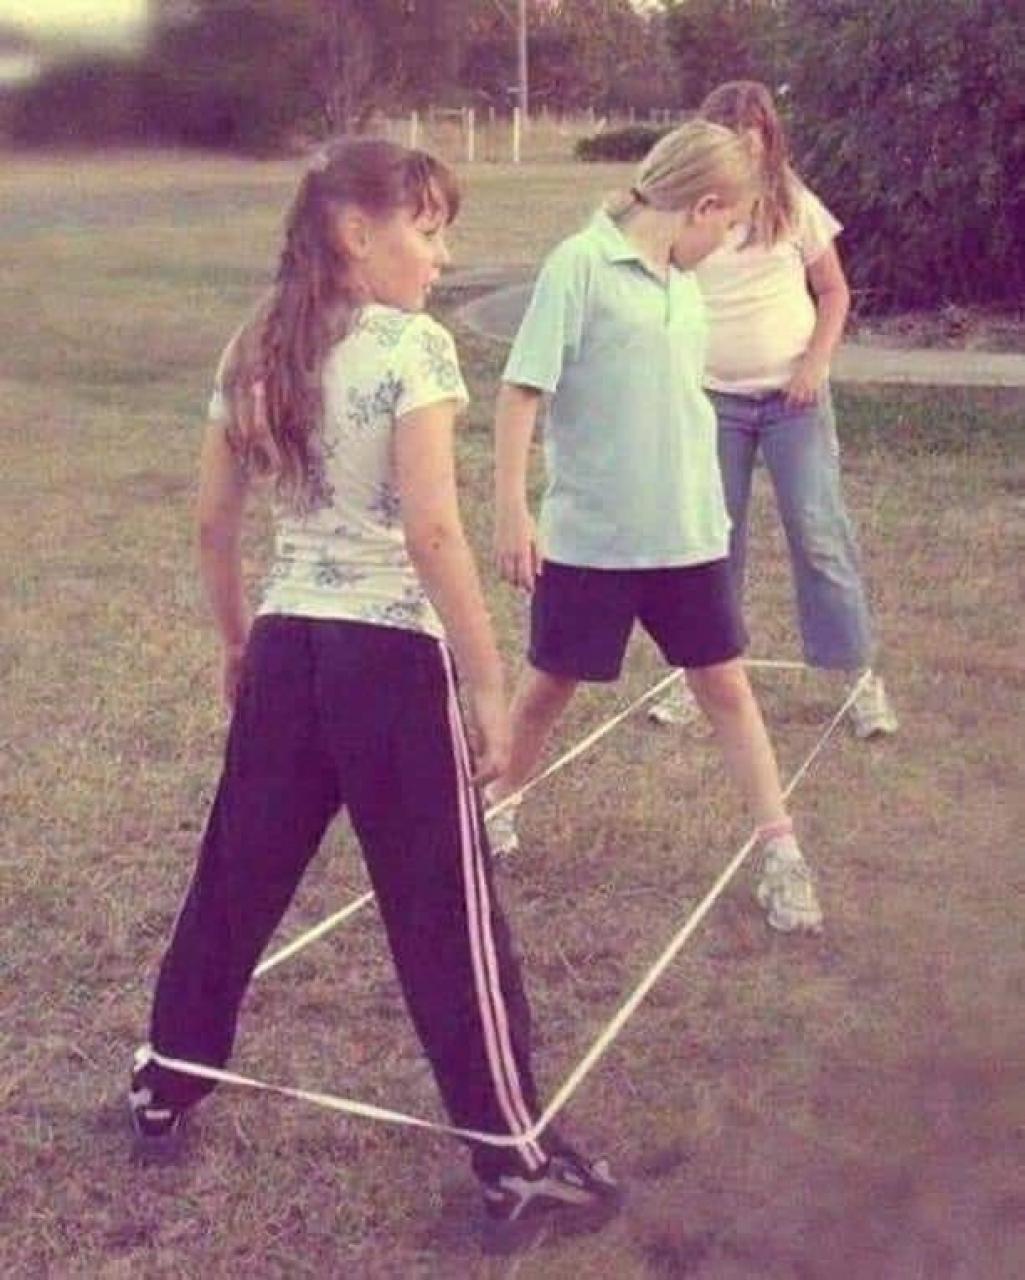 Juegos infantiles de años atras 01-08-2021